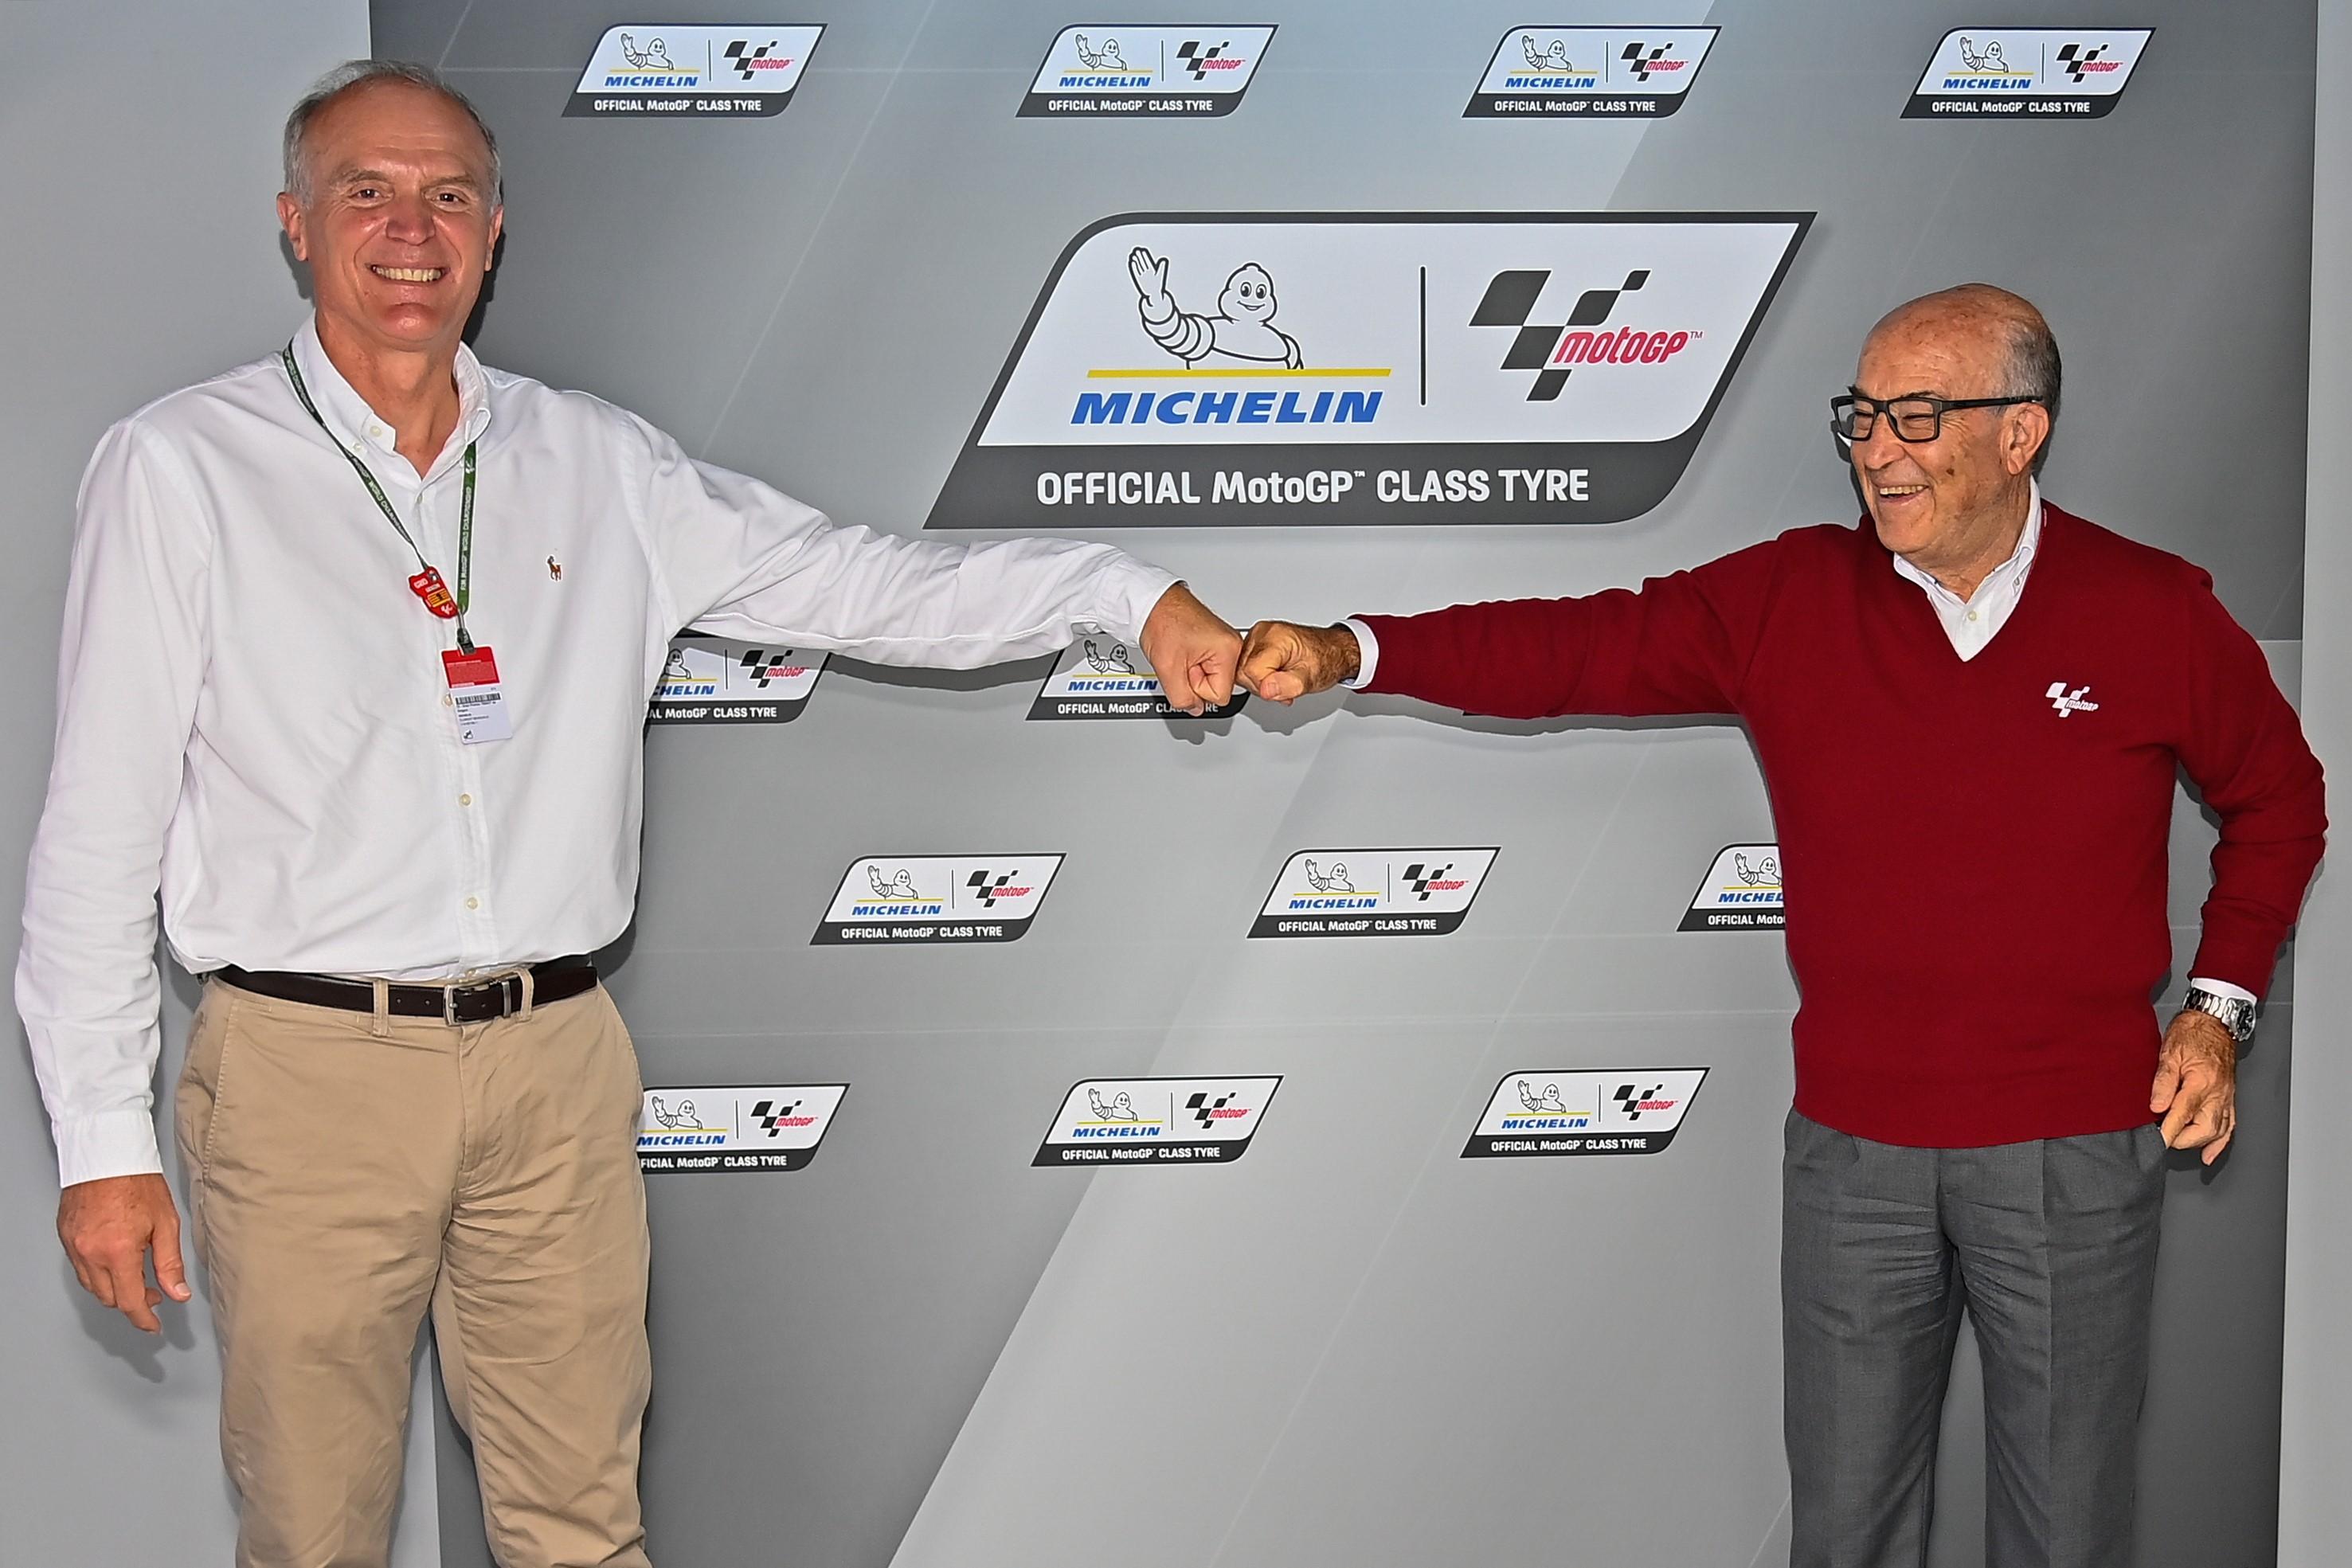 ミシュラン ドルナスポーツと3年間の契約を延長 2026年末までタイヤサプライヤーとしてMotoGPを支える